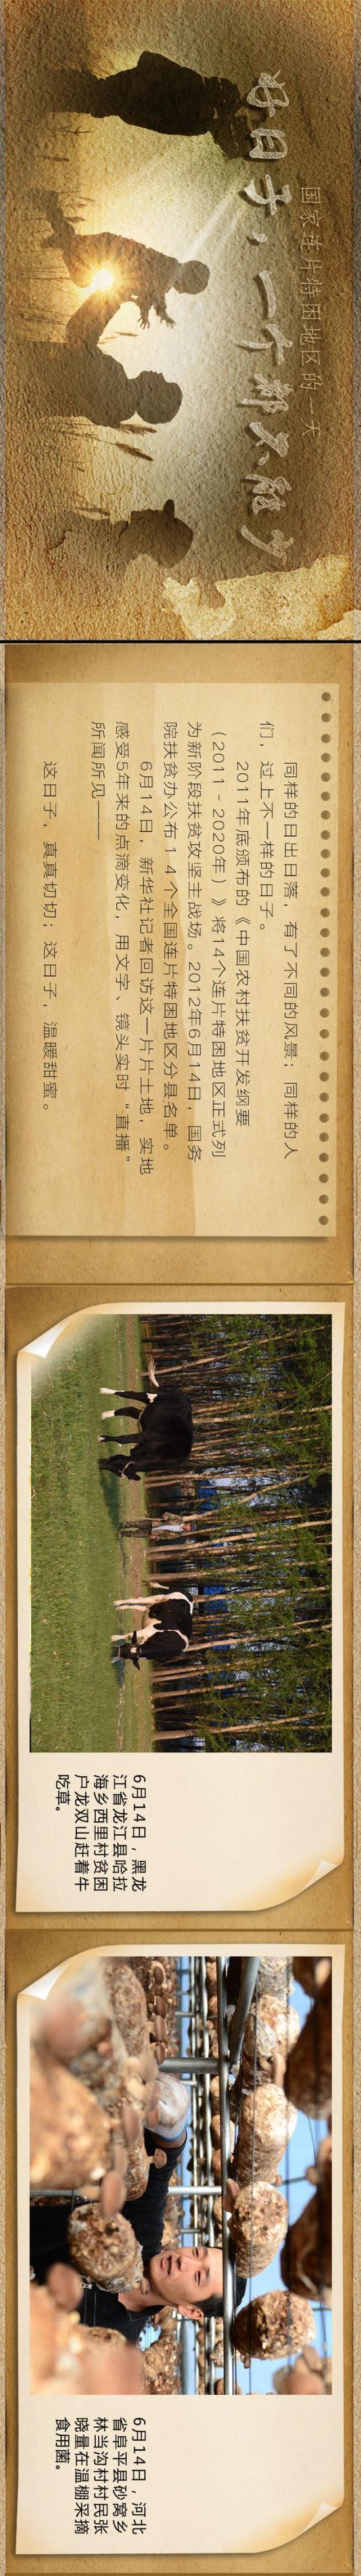 新华社记者带你看一天中的扶贫长卷北京女教师王铮 新华社 扶贫 长卷